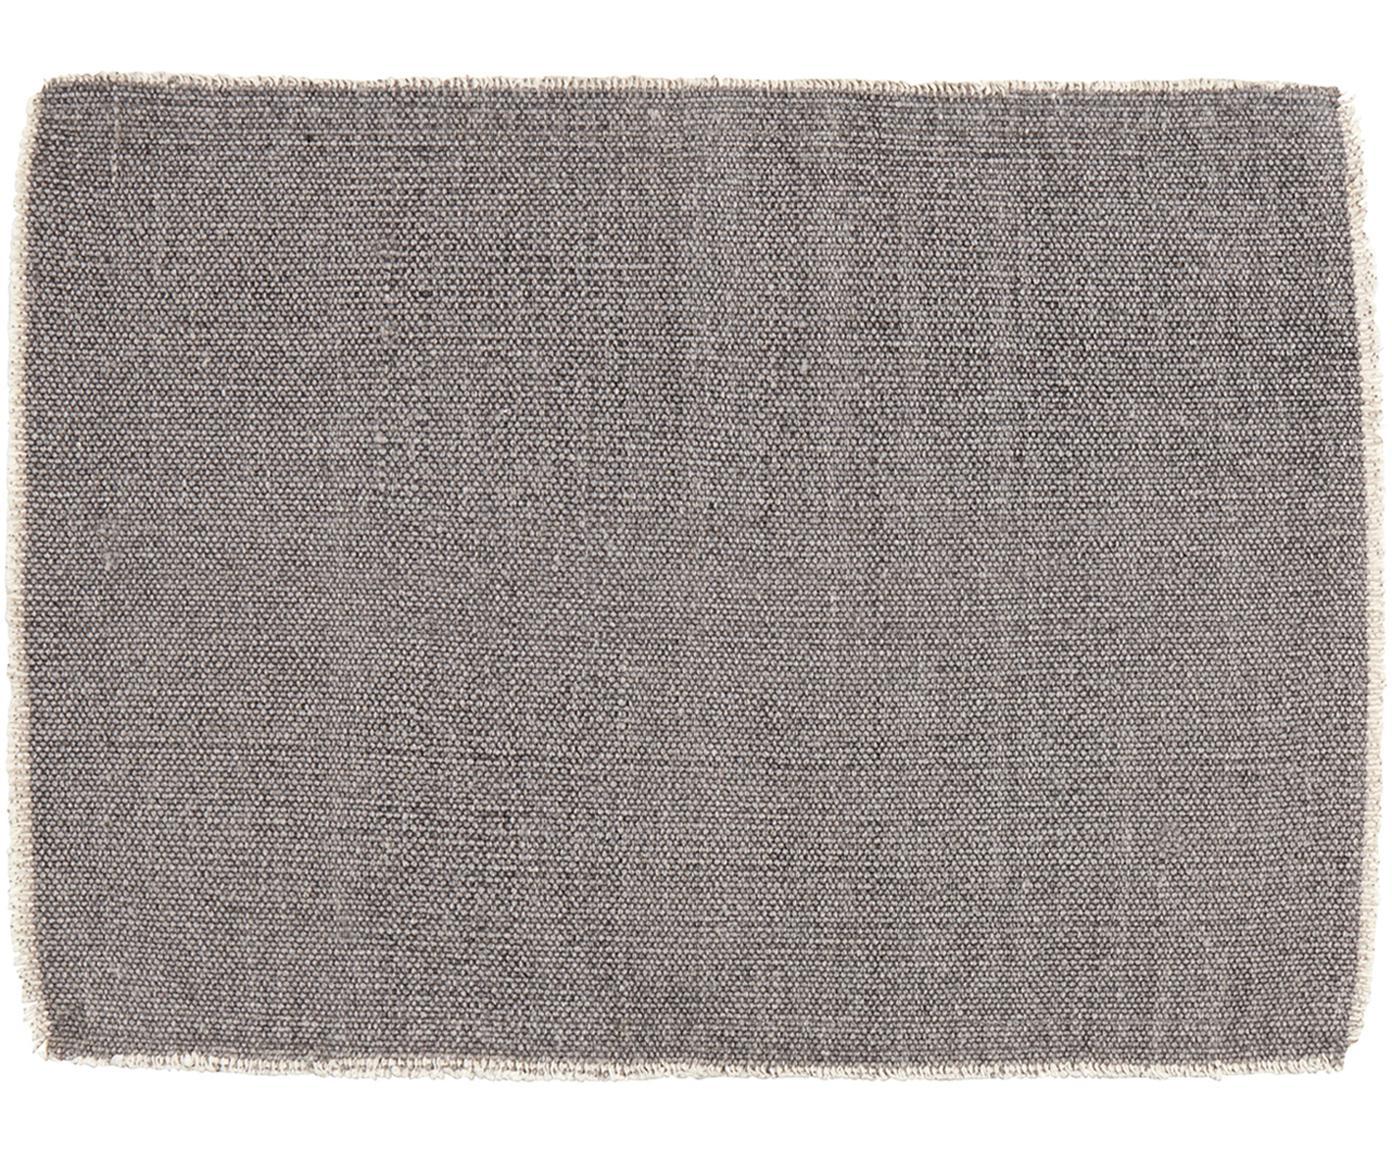 Podkładka Edge, 6 szt., 85% bawełna, 15% włókna mieszane, Szary, S 33 x D 48 cm